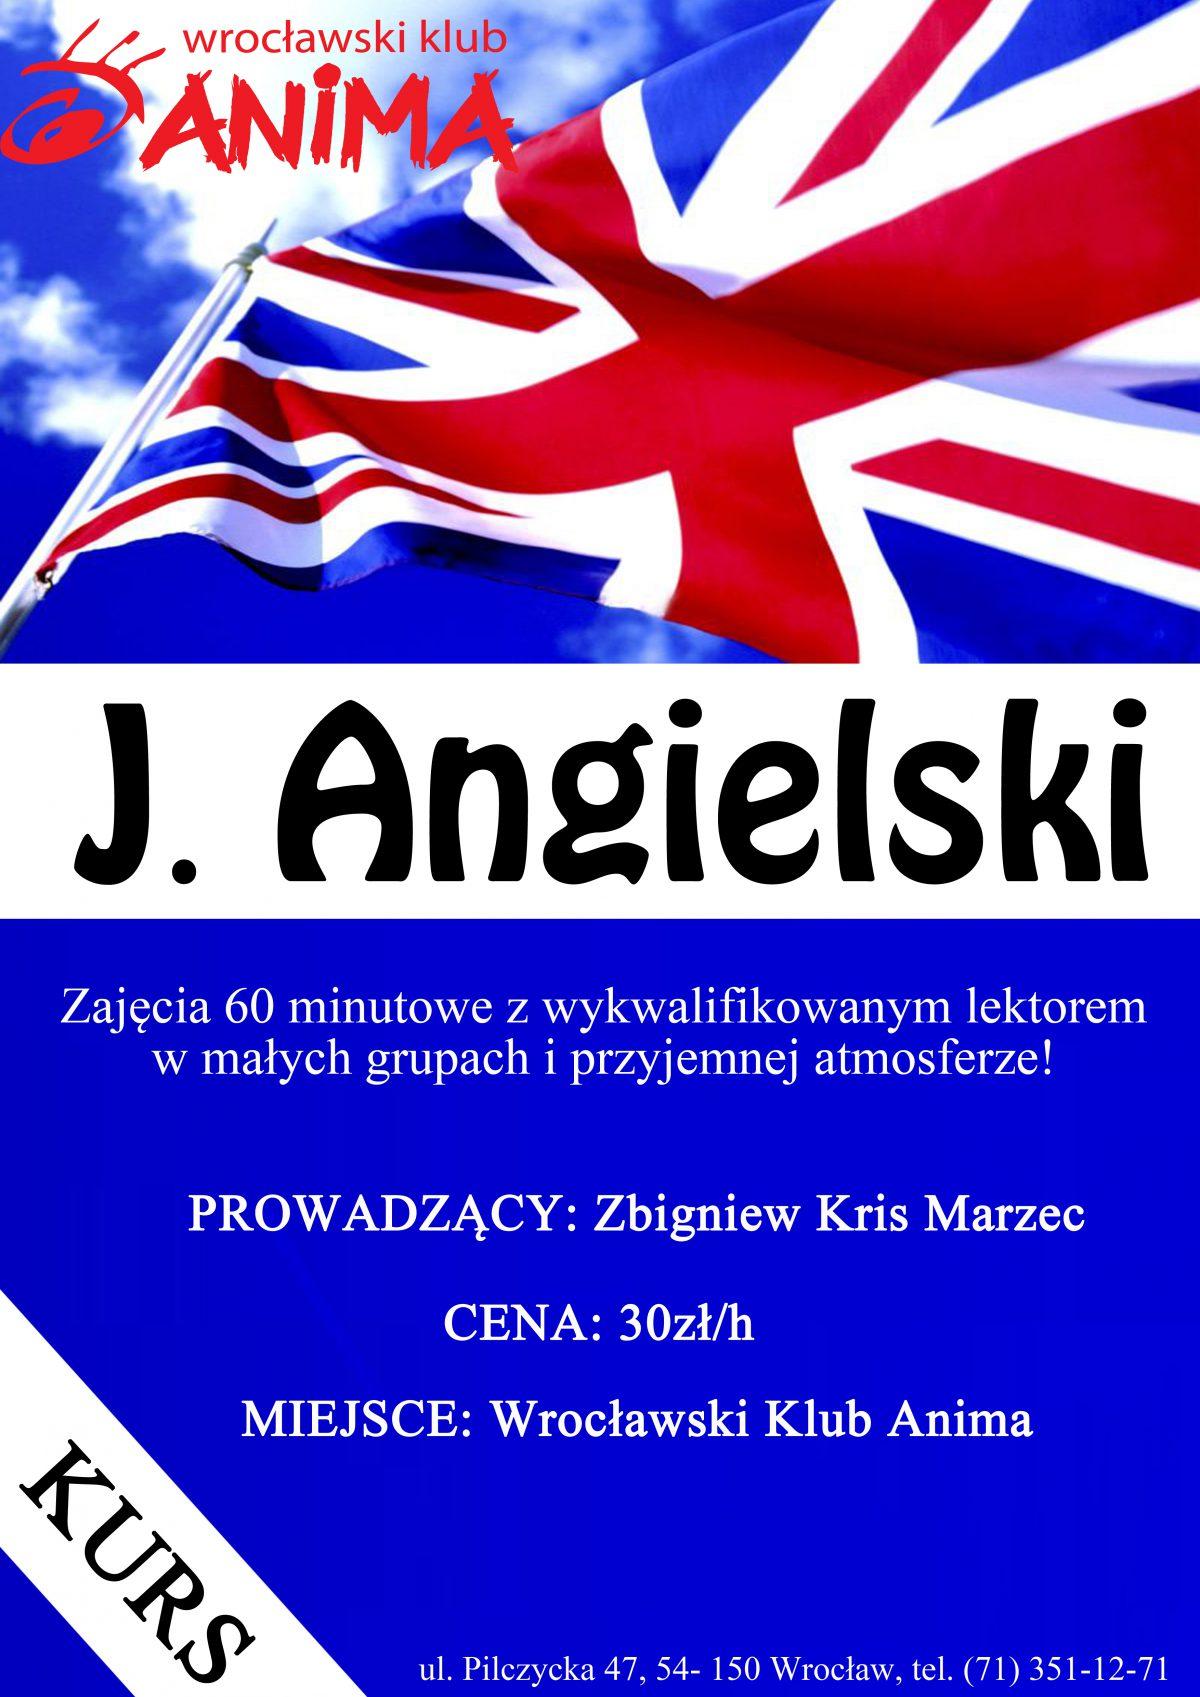 J.angielski dla każdego!